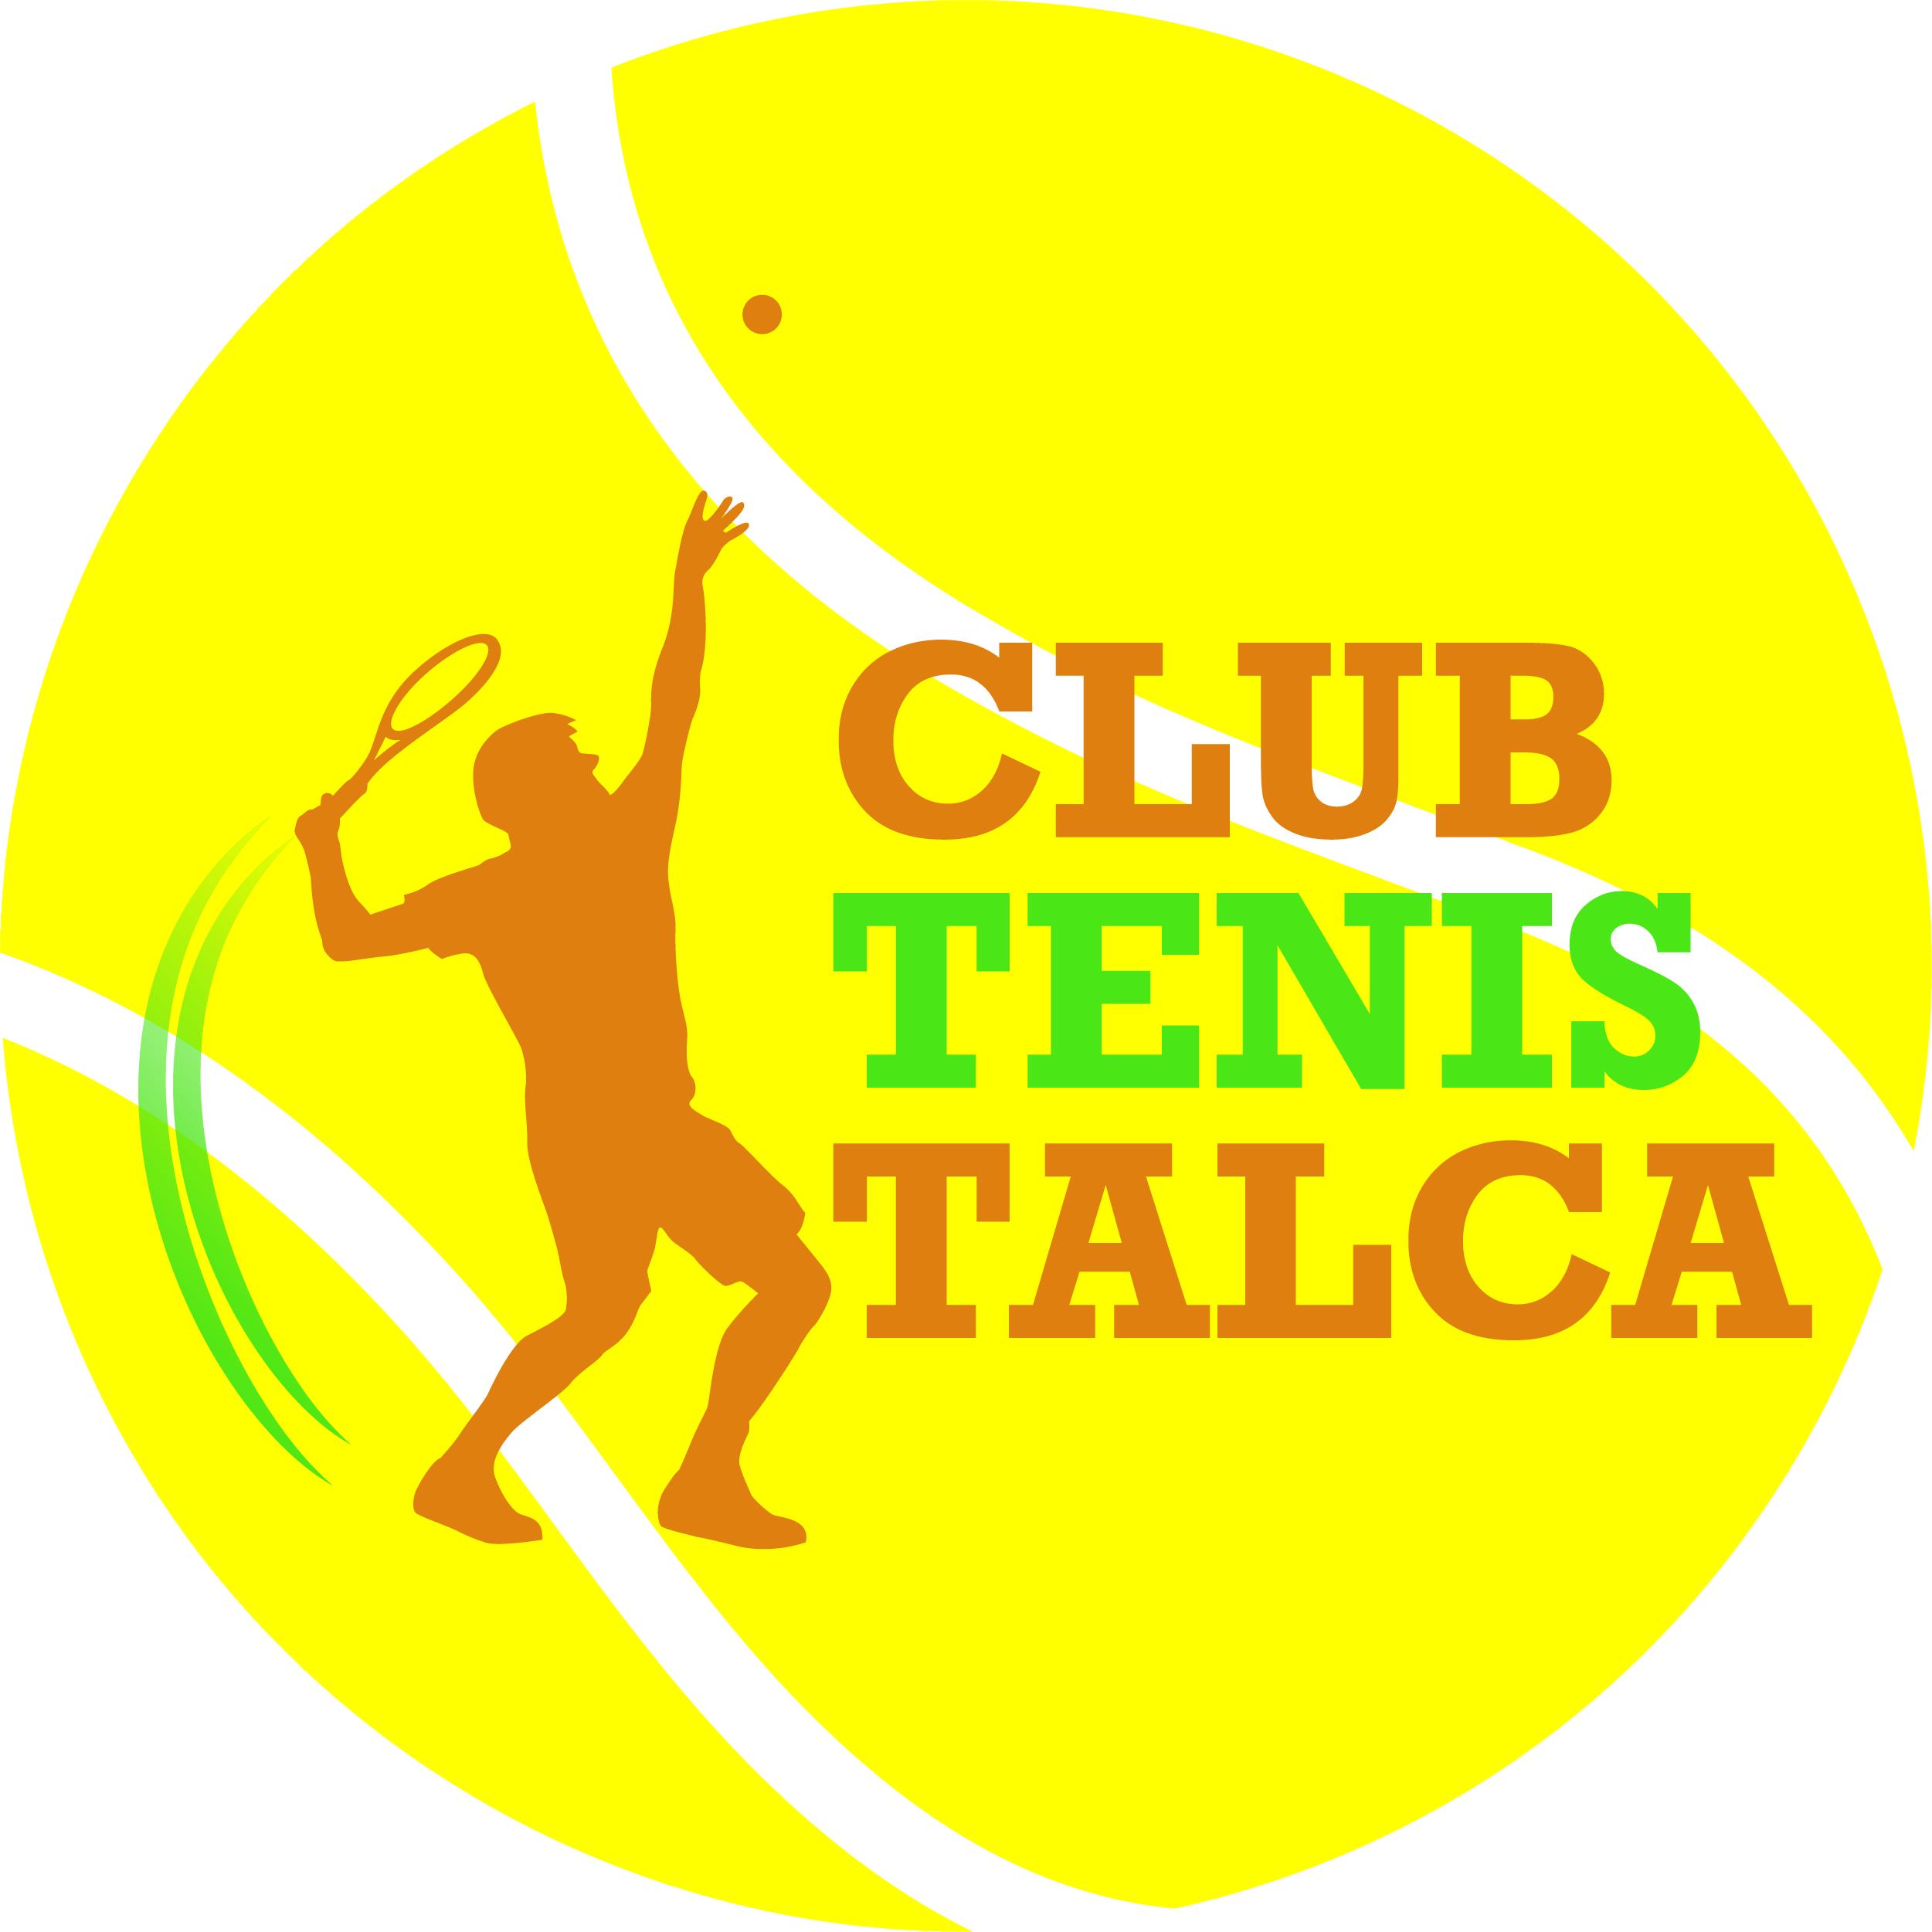 Club de Tenis Talca